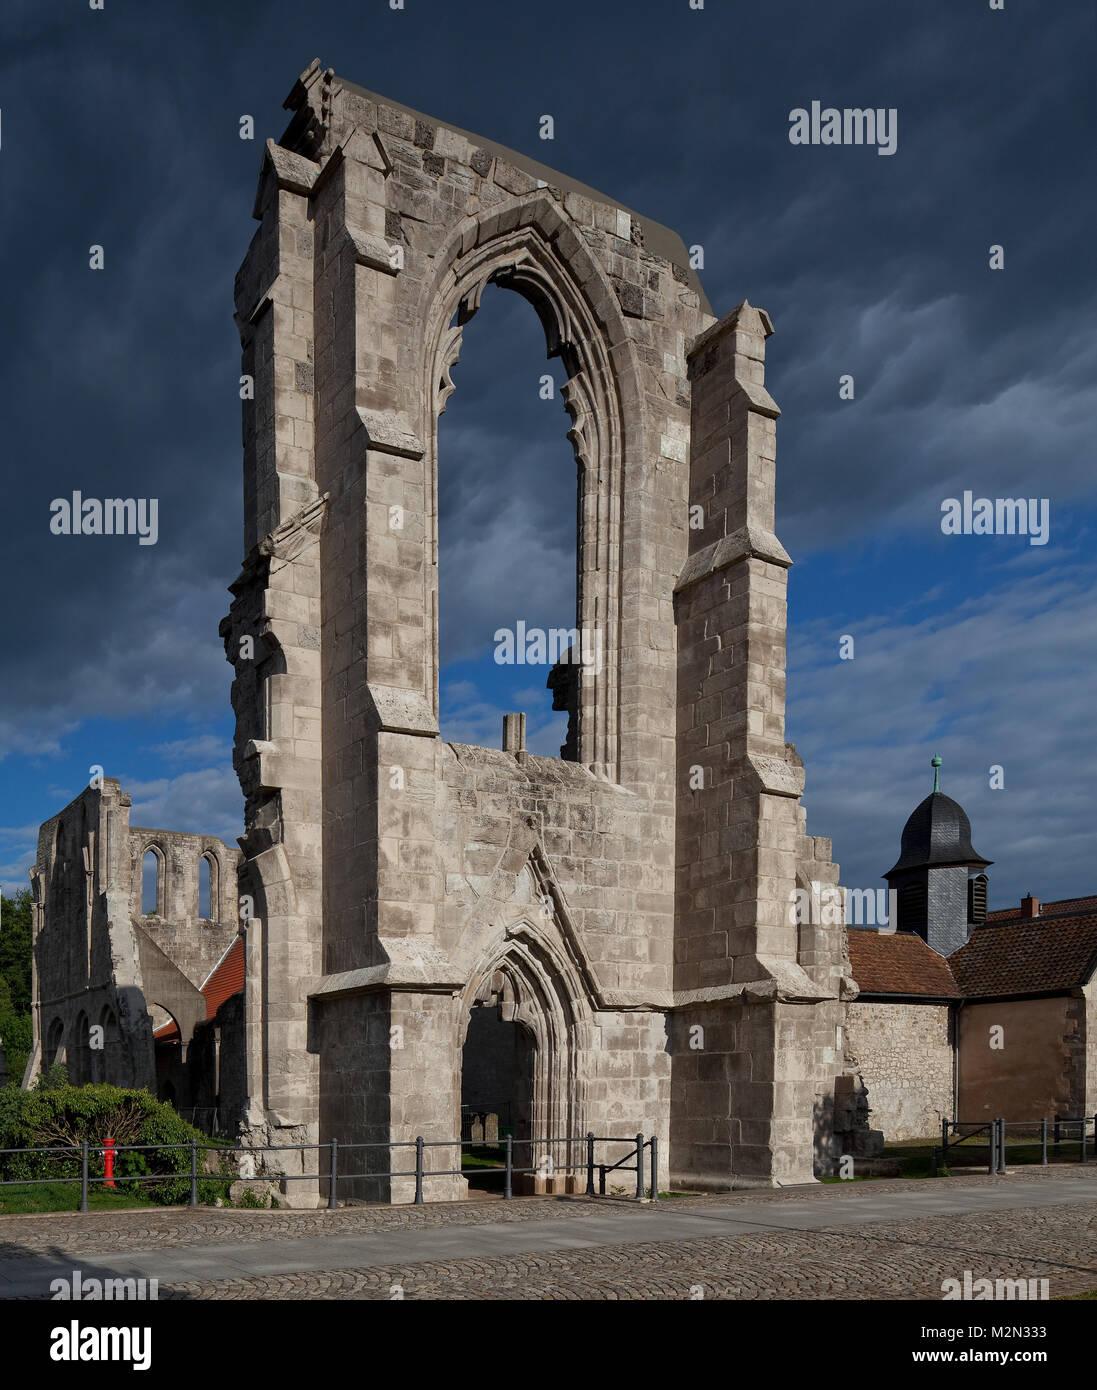 Walkenried Ruine der Klosterkirche Westwand mit Portal und großem Fenster rechts Glockendachreiter über - Stock Image